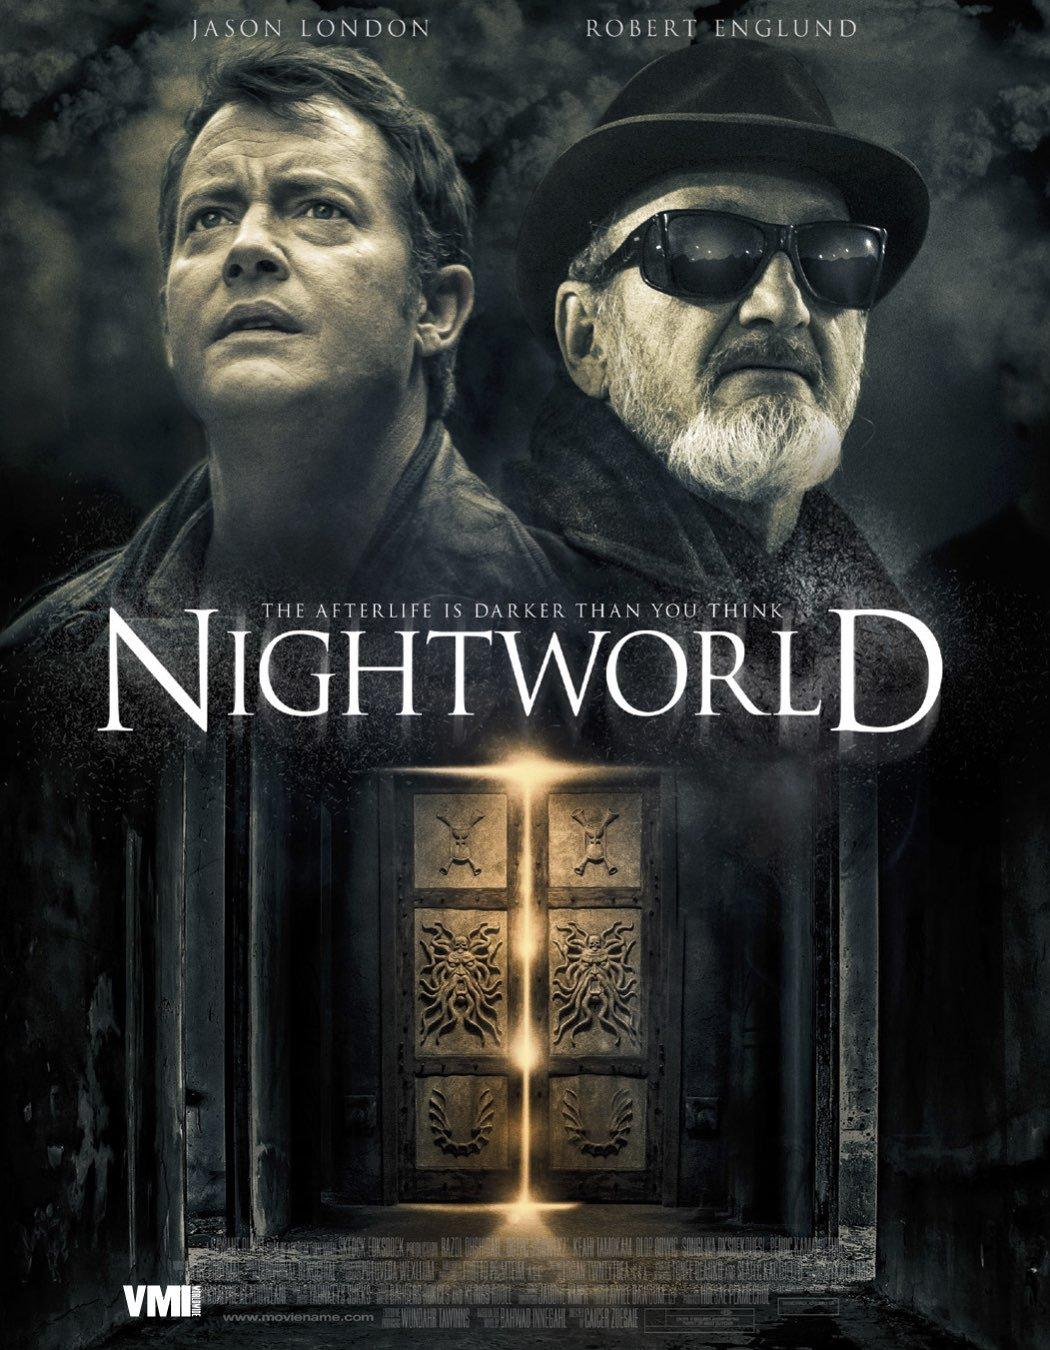 nightworld-23552.jpg